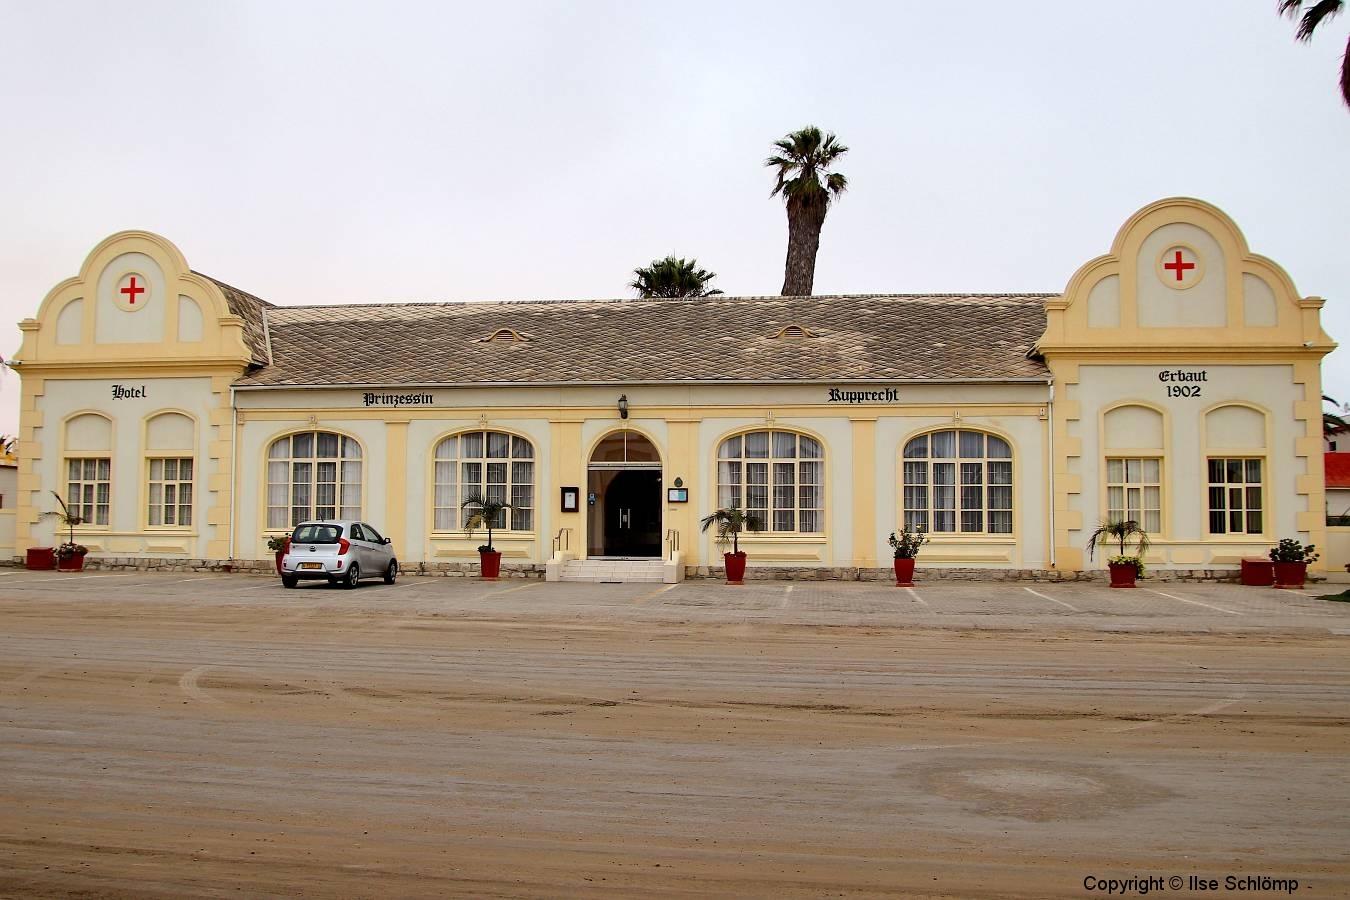 Namibia, Swakopmund, Prinzessin Rupprecht Heim, Ehemaliges Lazarett